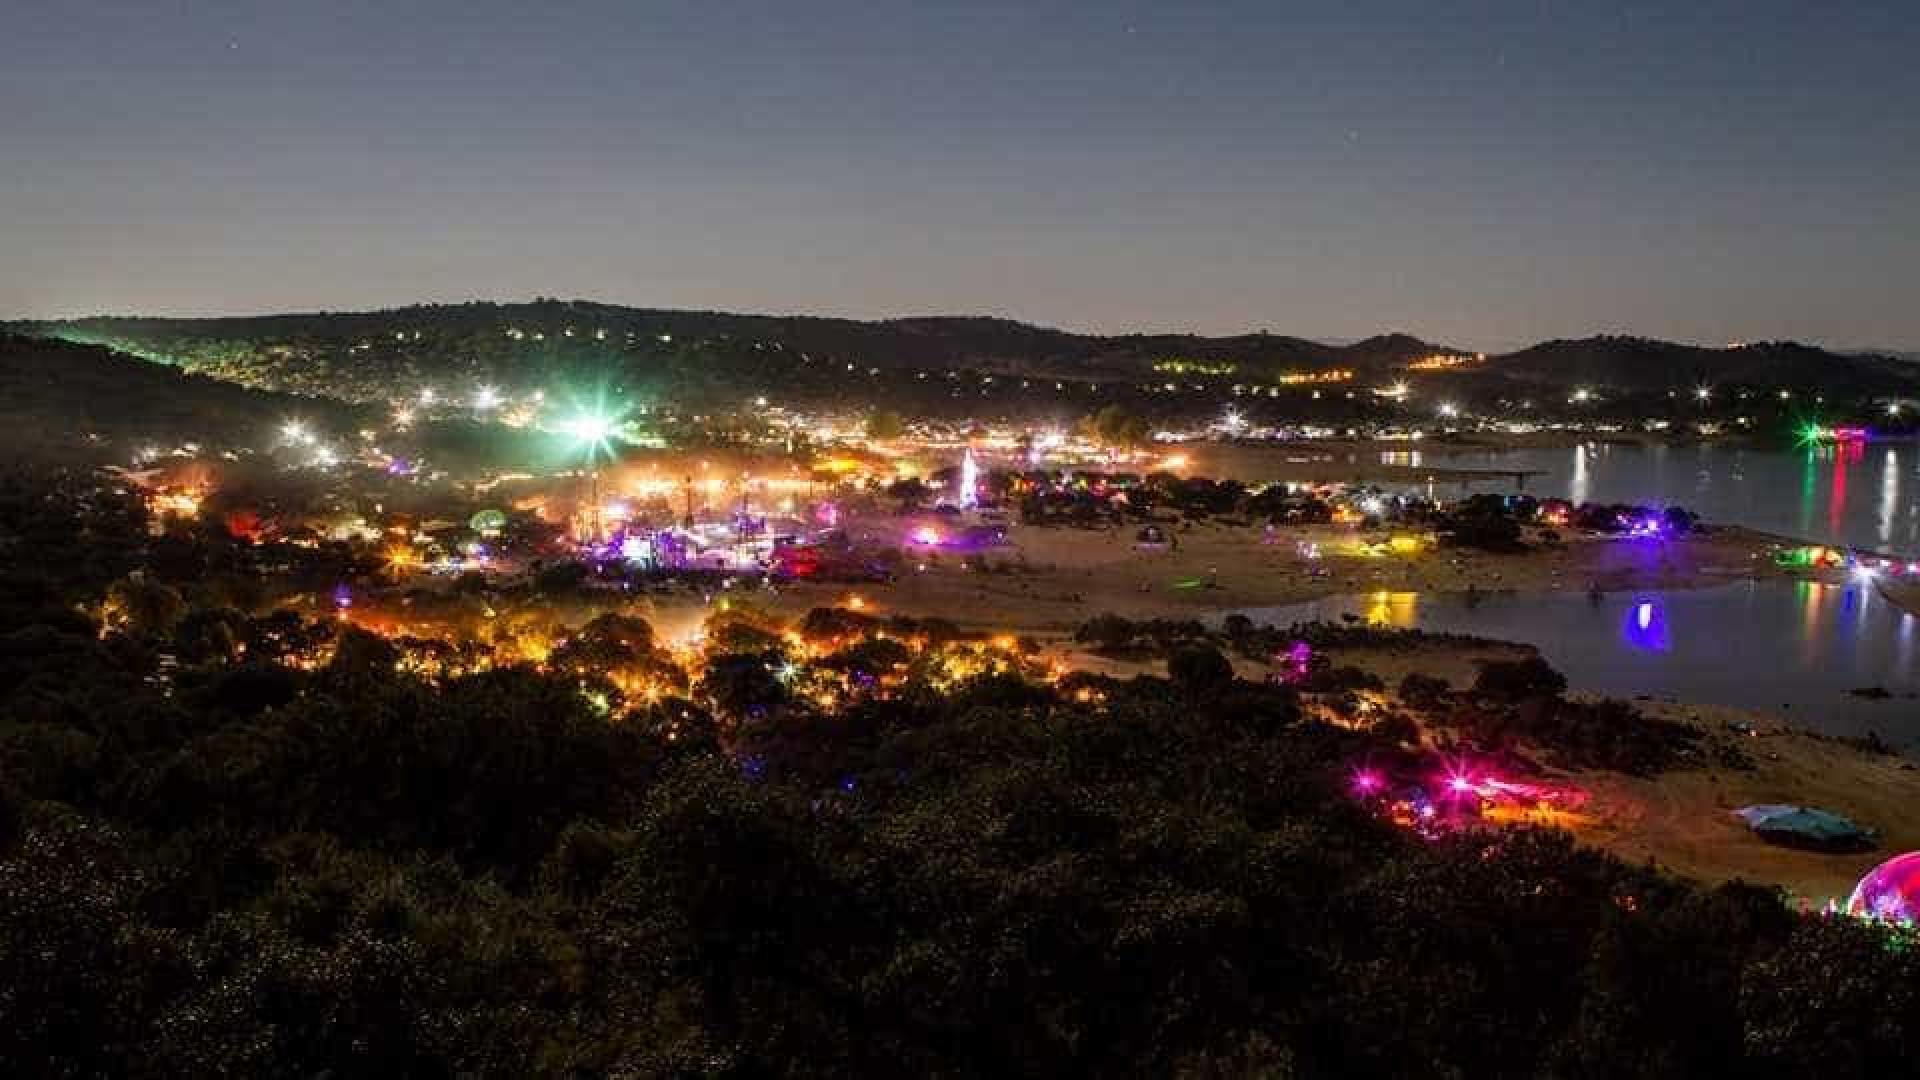 Cientistas analisam risco de incêndio no Boom Festival